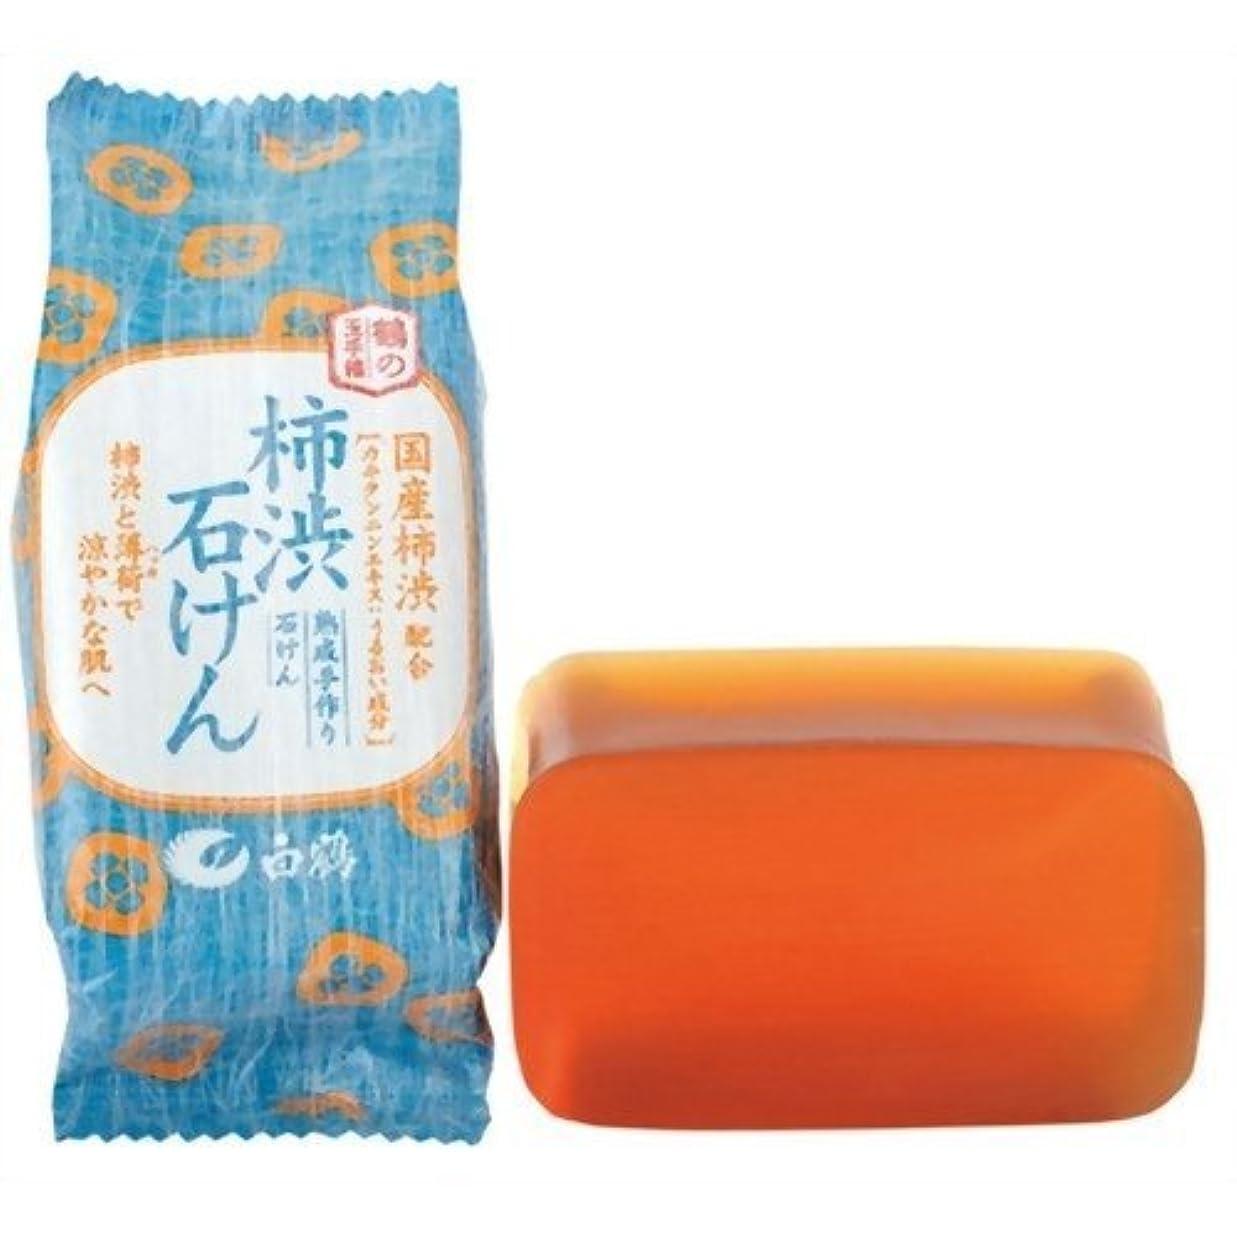 キモい平手打ち持つ白鶴 鶴の玉手箱 薬用 柿渋石けん 110g × 5個